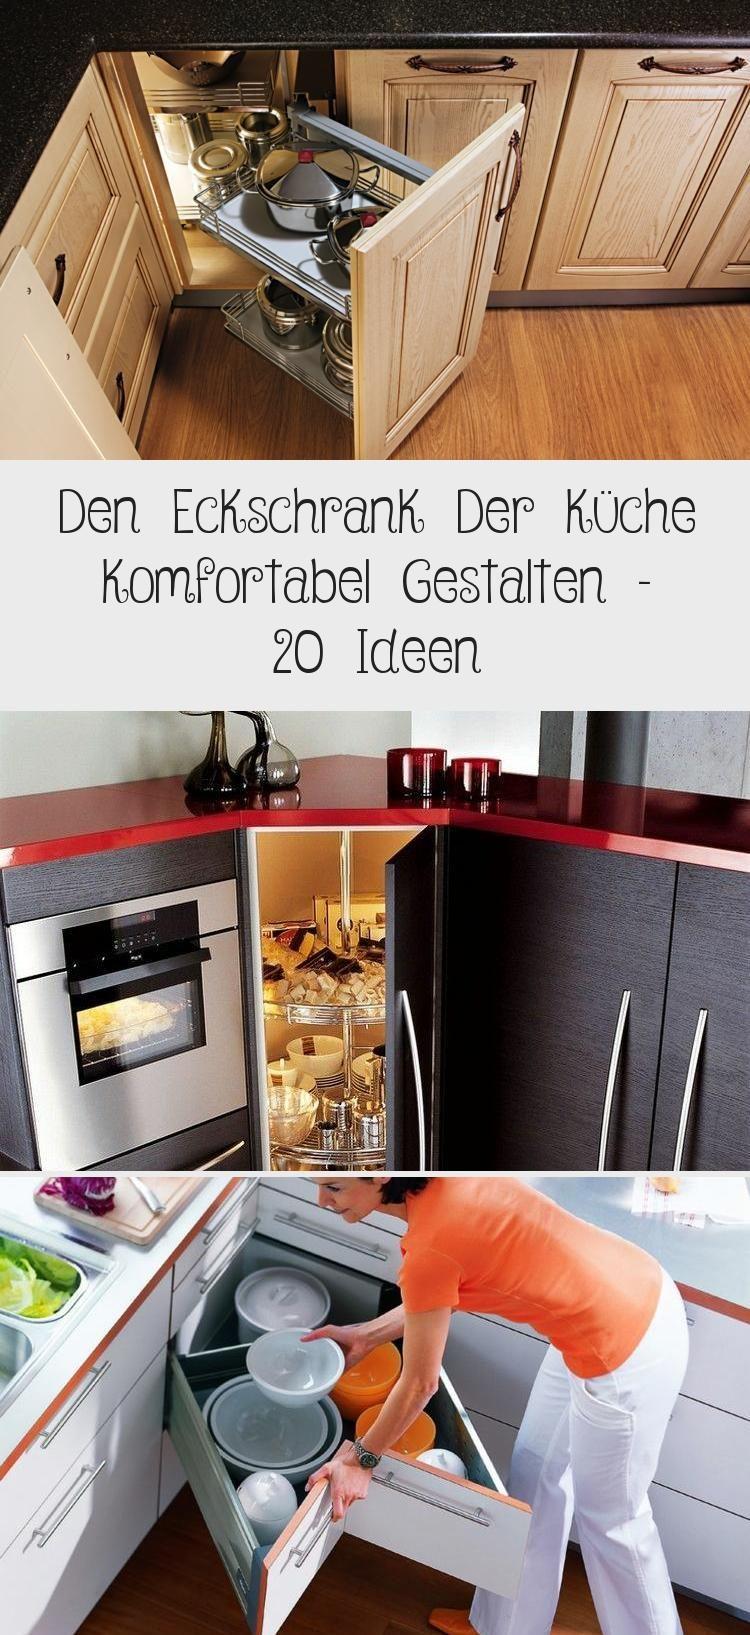 Full Size of Küchen Eckschrank Rondell Den Der Kche Komfortabel Gestalten 20 Ideen Bad Küche Regal Schlafzimmer Wohnzimmer Küchen Eckschrank Rondell